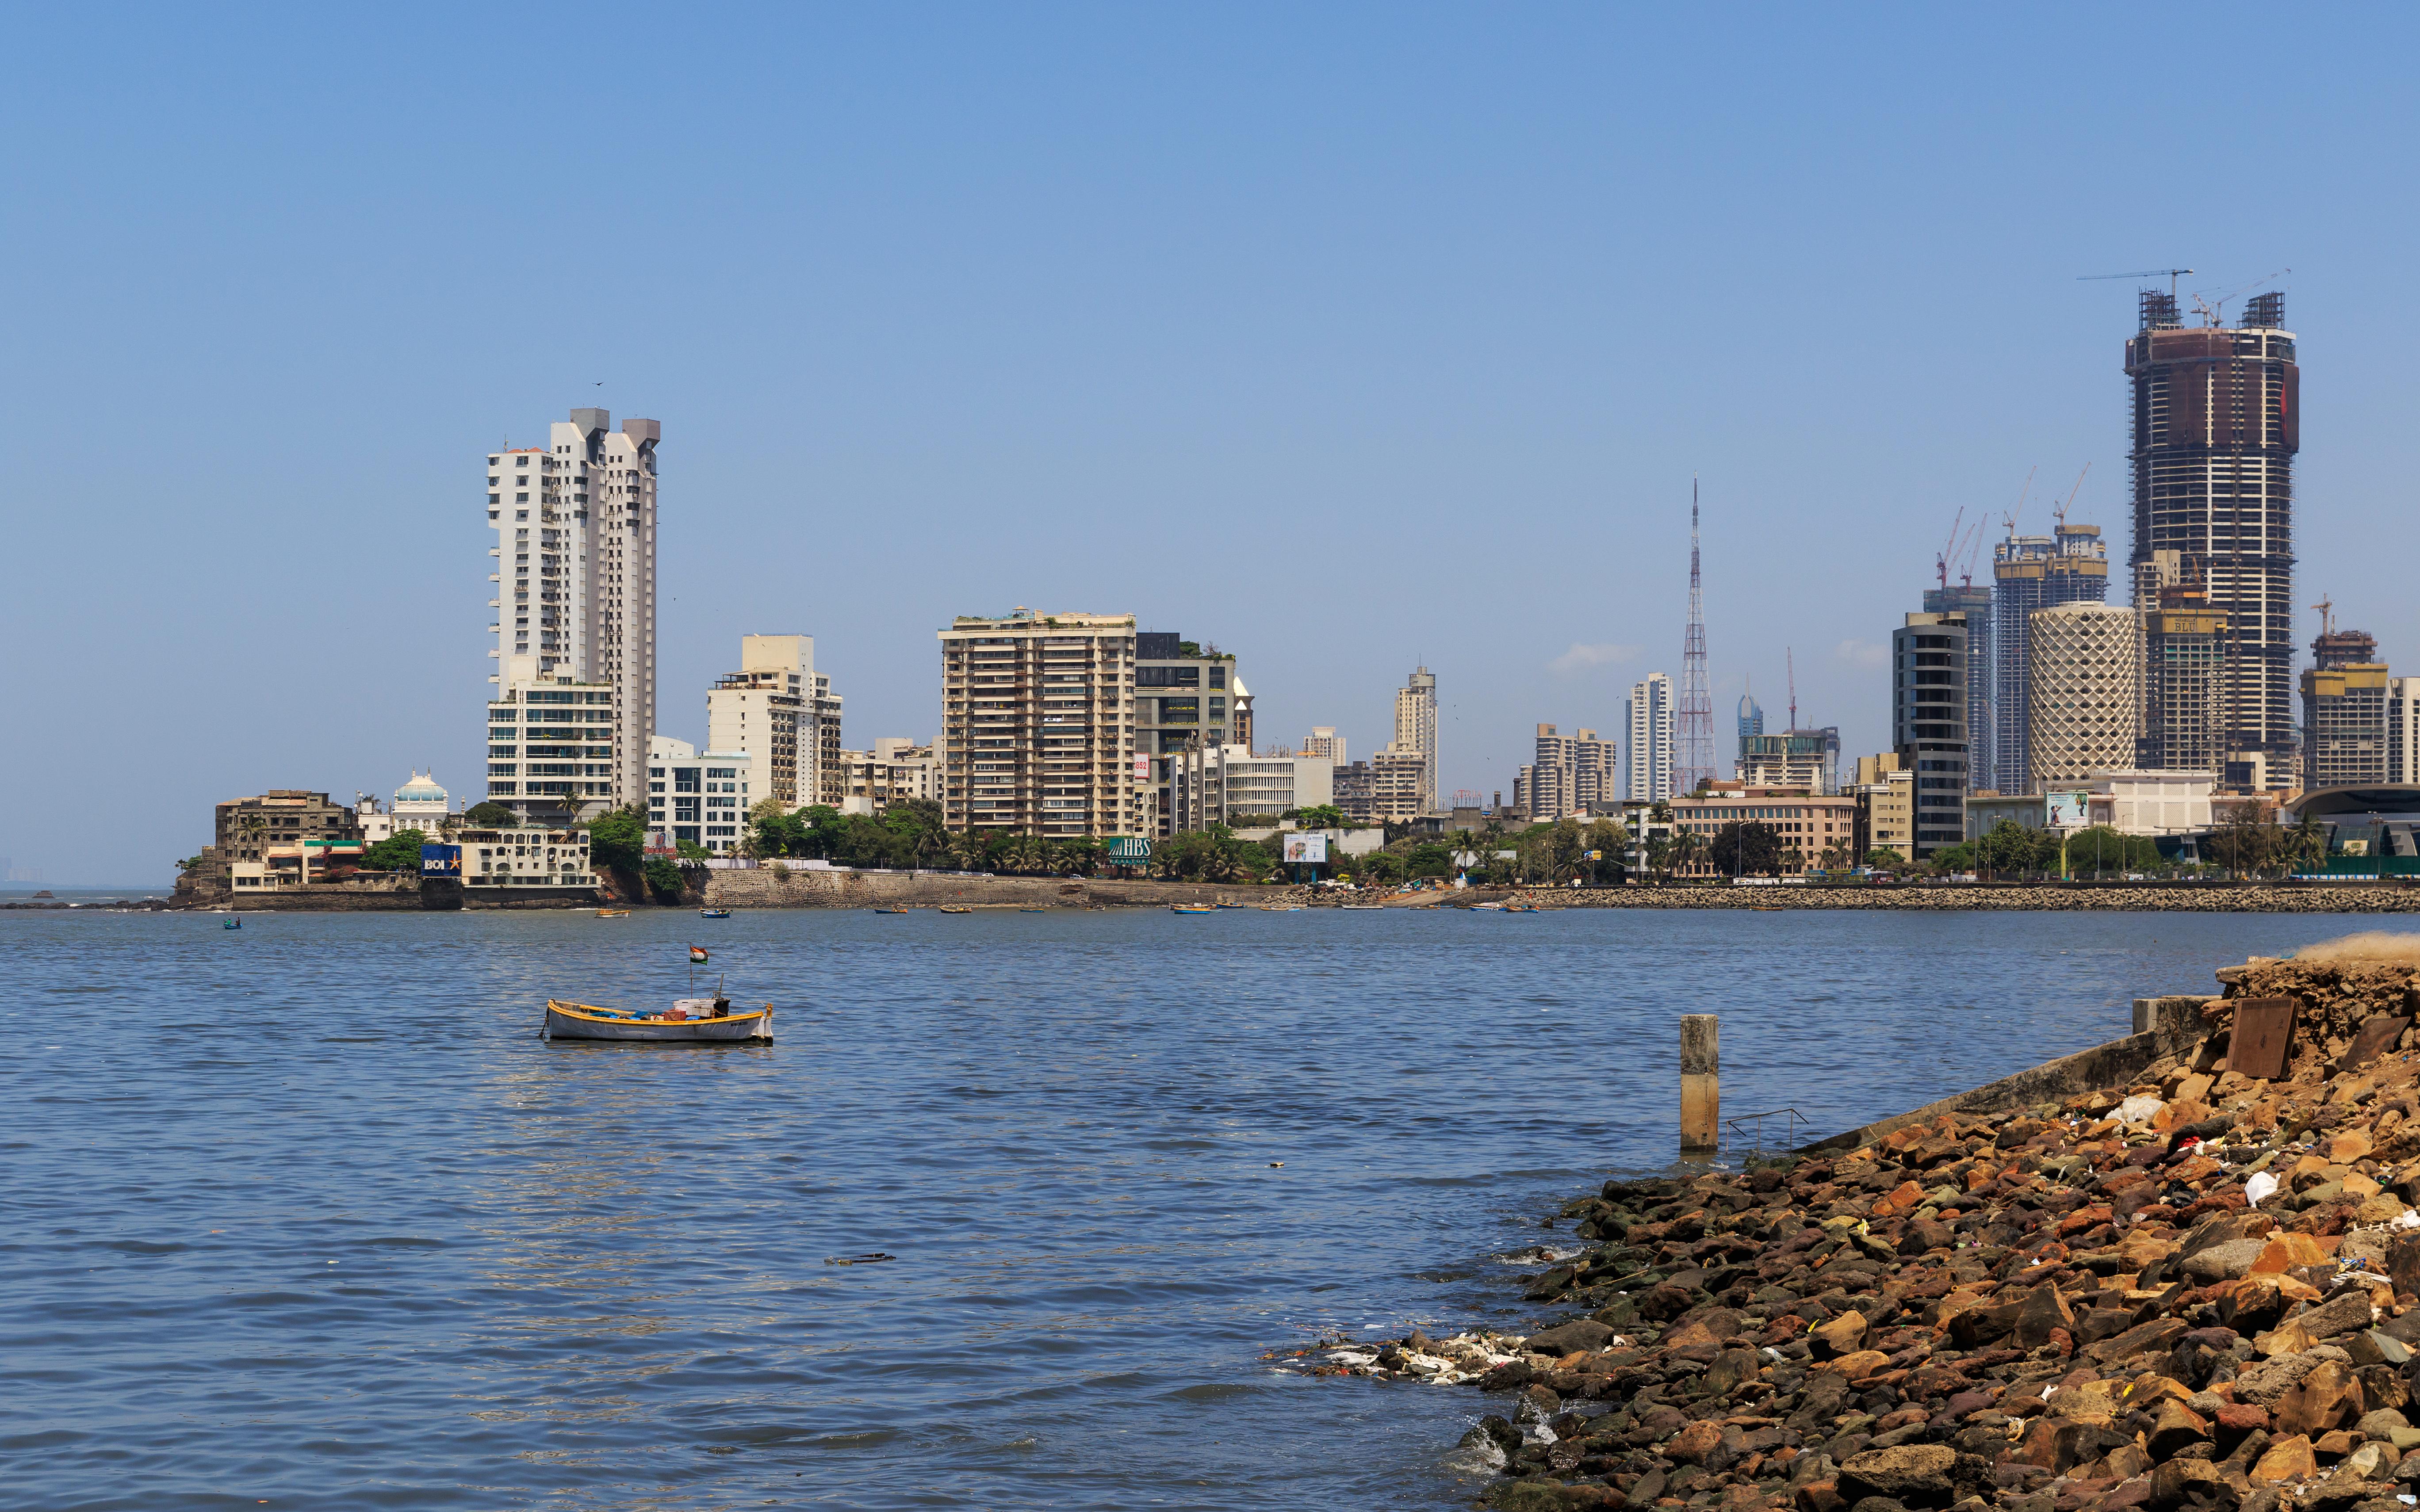 fișier mumbai 03 2016 09 skyline of lotus colony jpg wikipedia